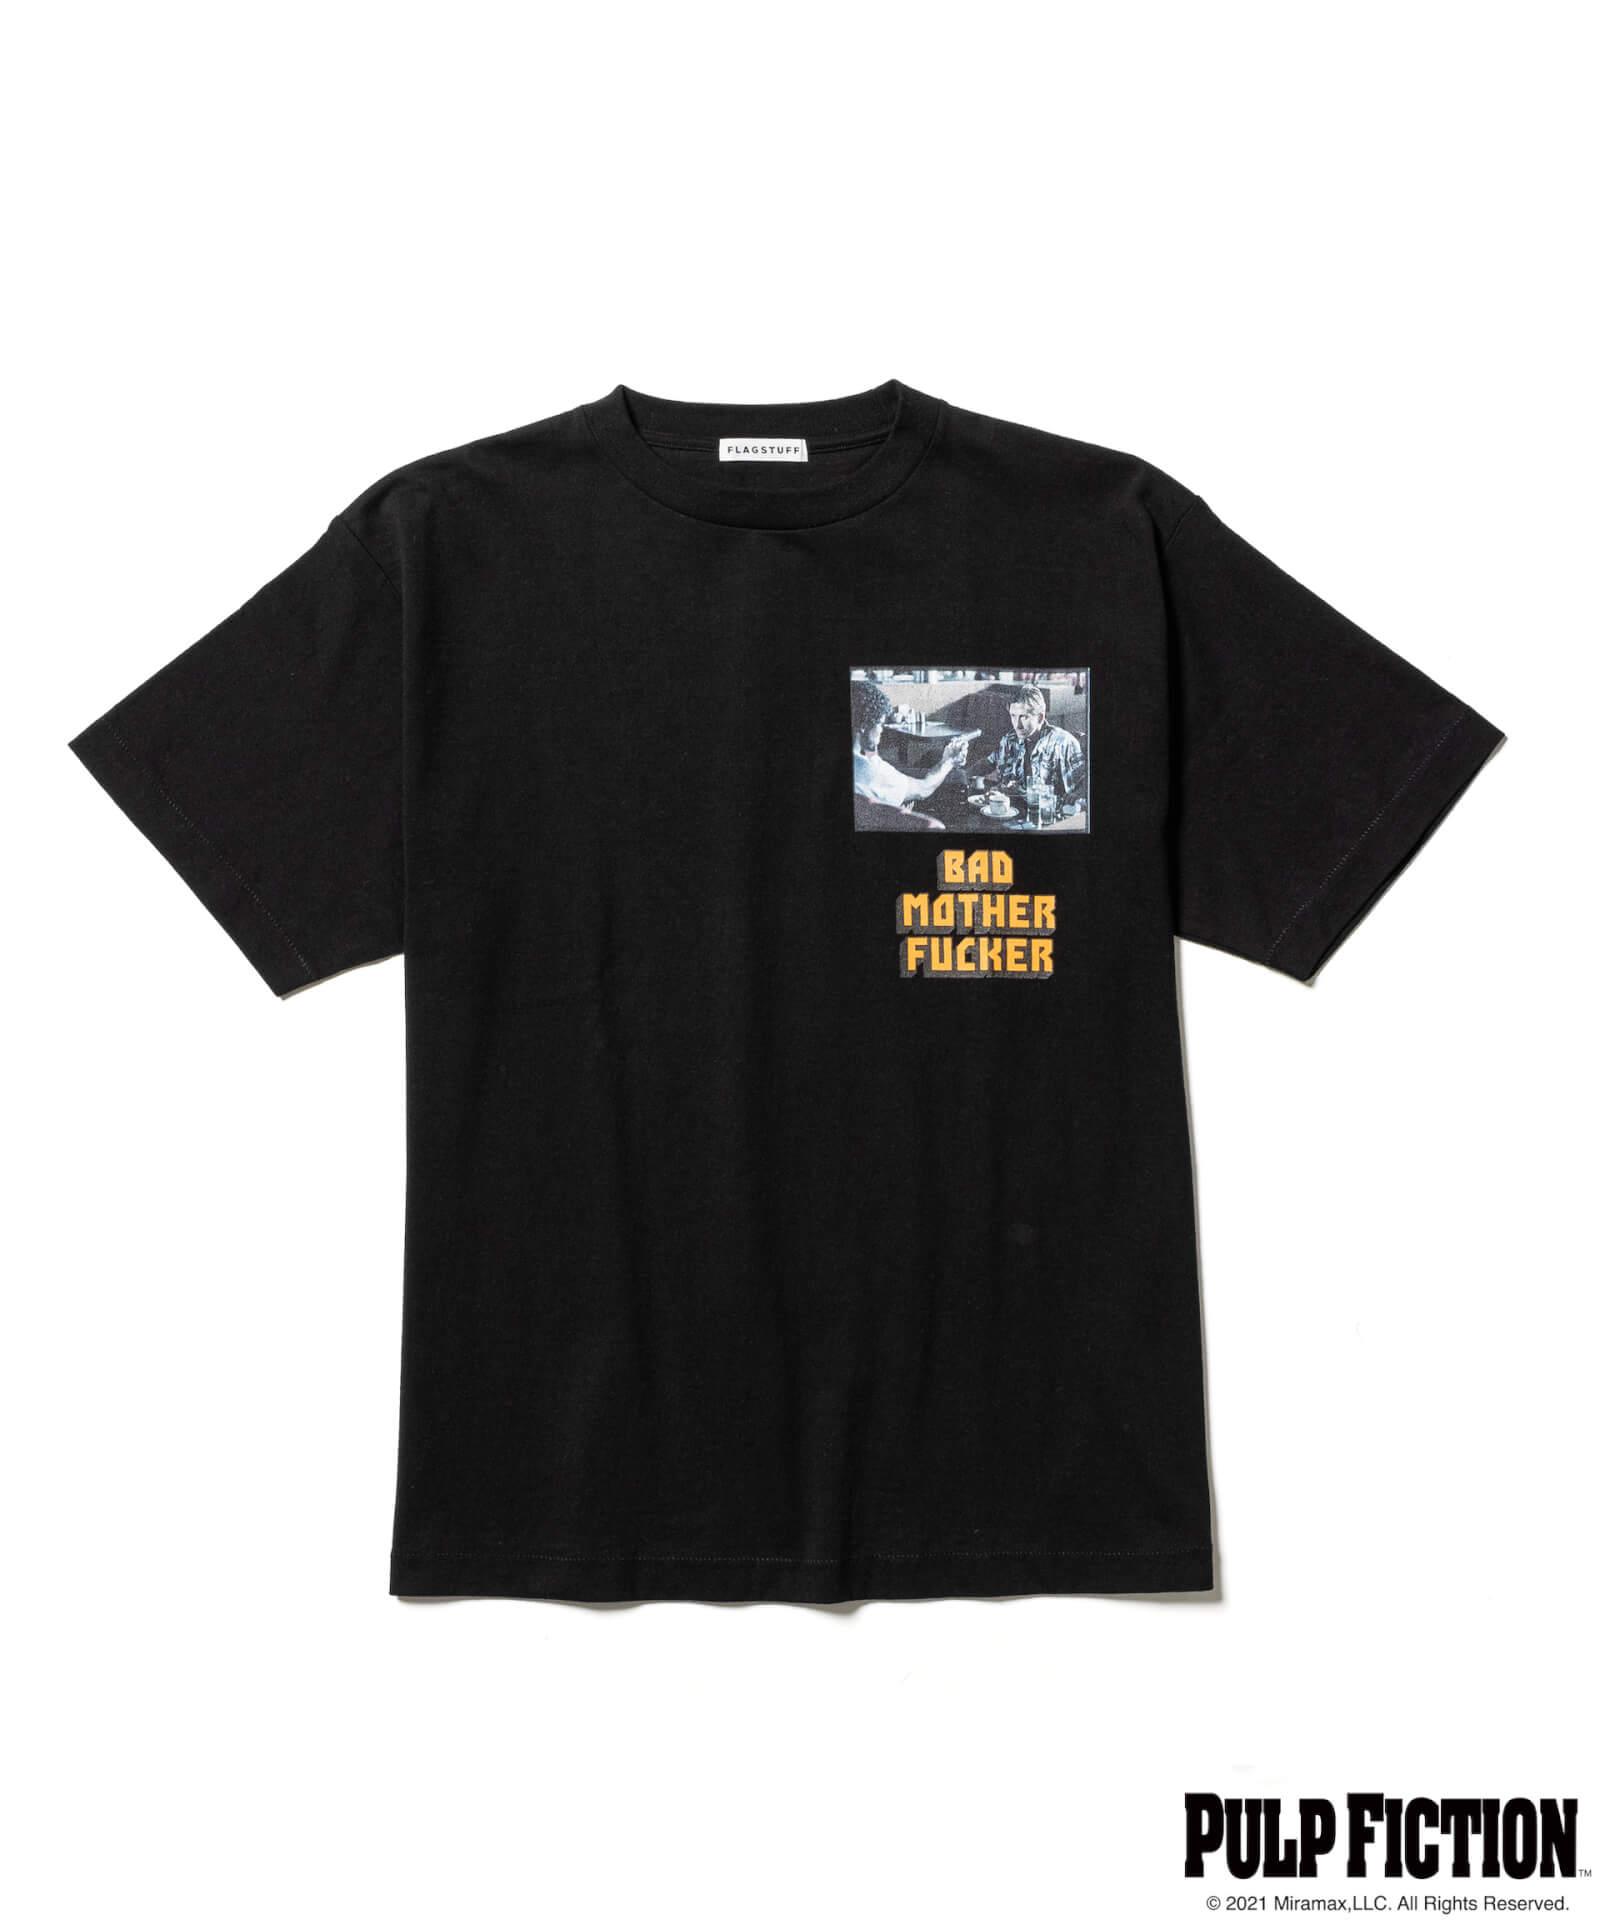 映画『パルプ・フィクション』とF-LAGSTUF-Fのオリジナルアパレルコレクションが発売決定!ユマ・サーマンプリントのTシャツも fashion211006_fs-pf-07